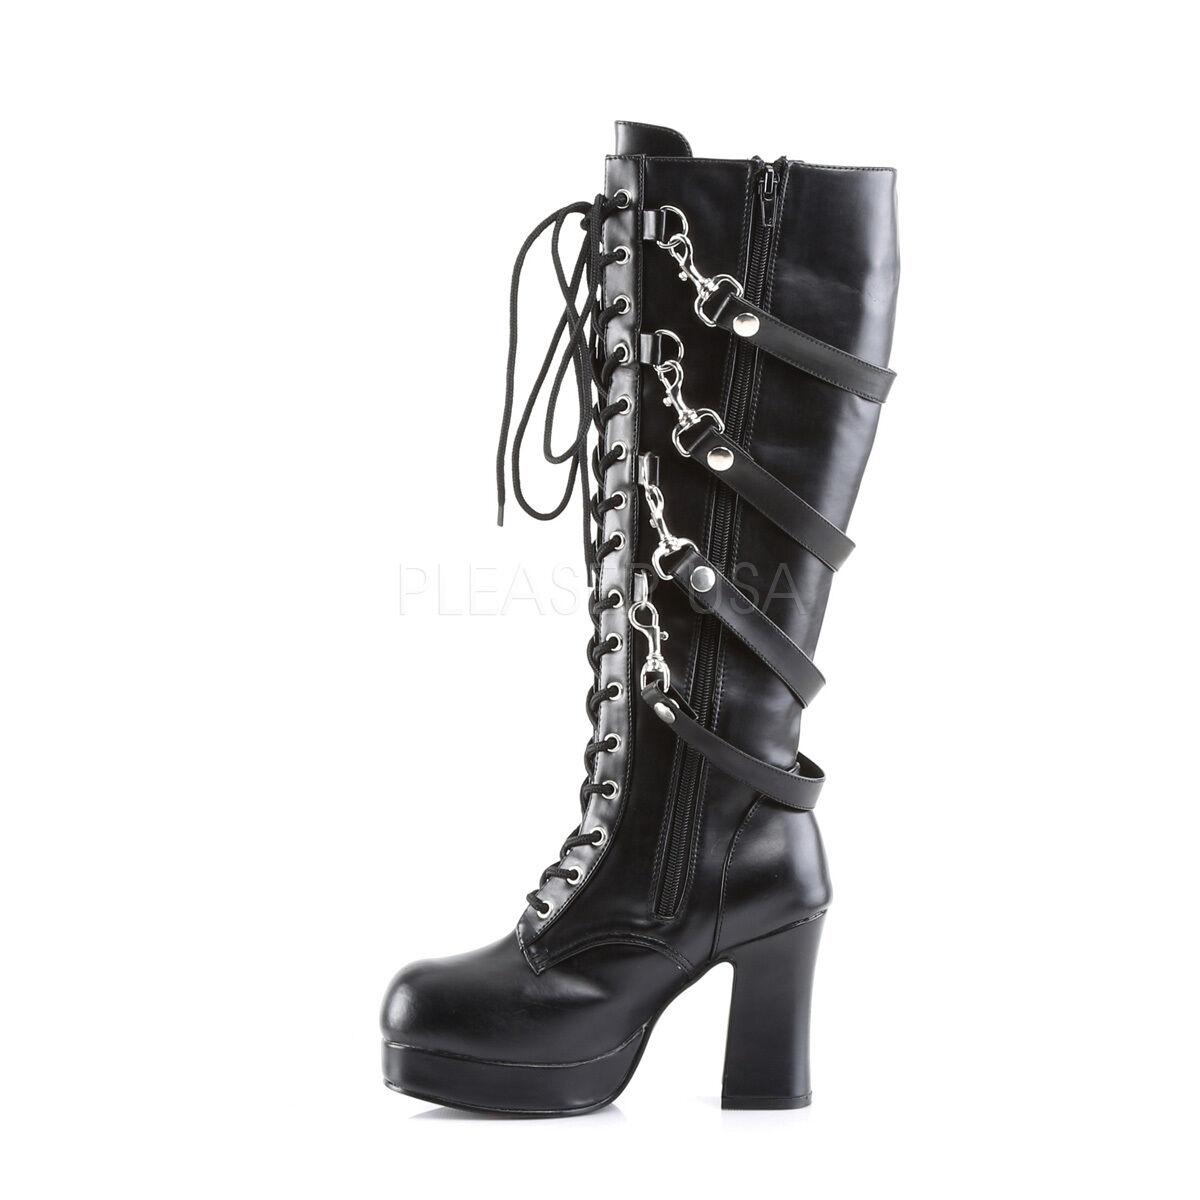 gabor bottes mode pour noires dames noires pour (27 schw. ra. de paillettes) 8 royaume - uni faf7f0